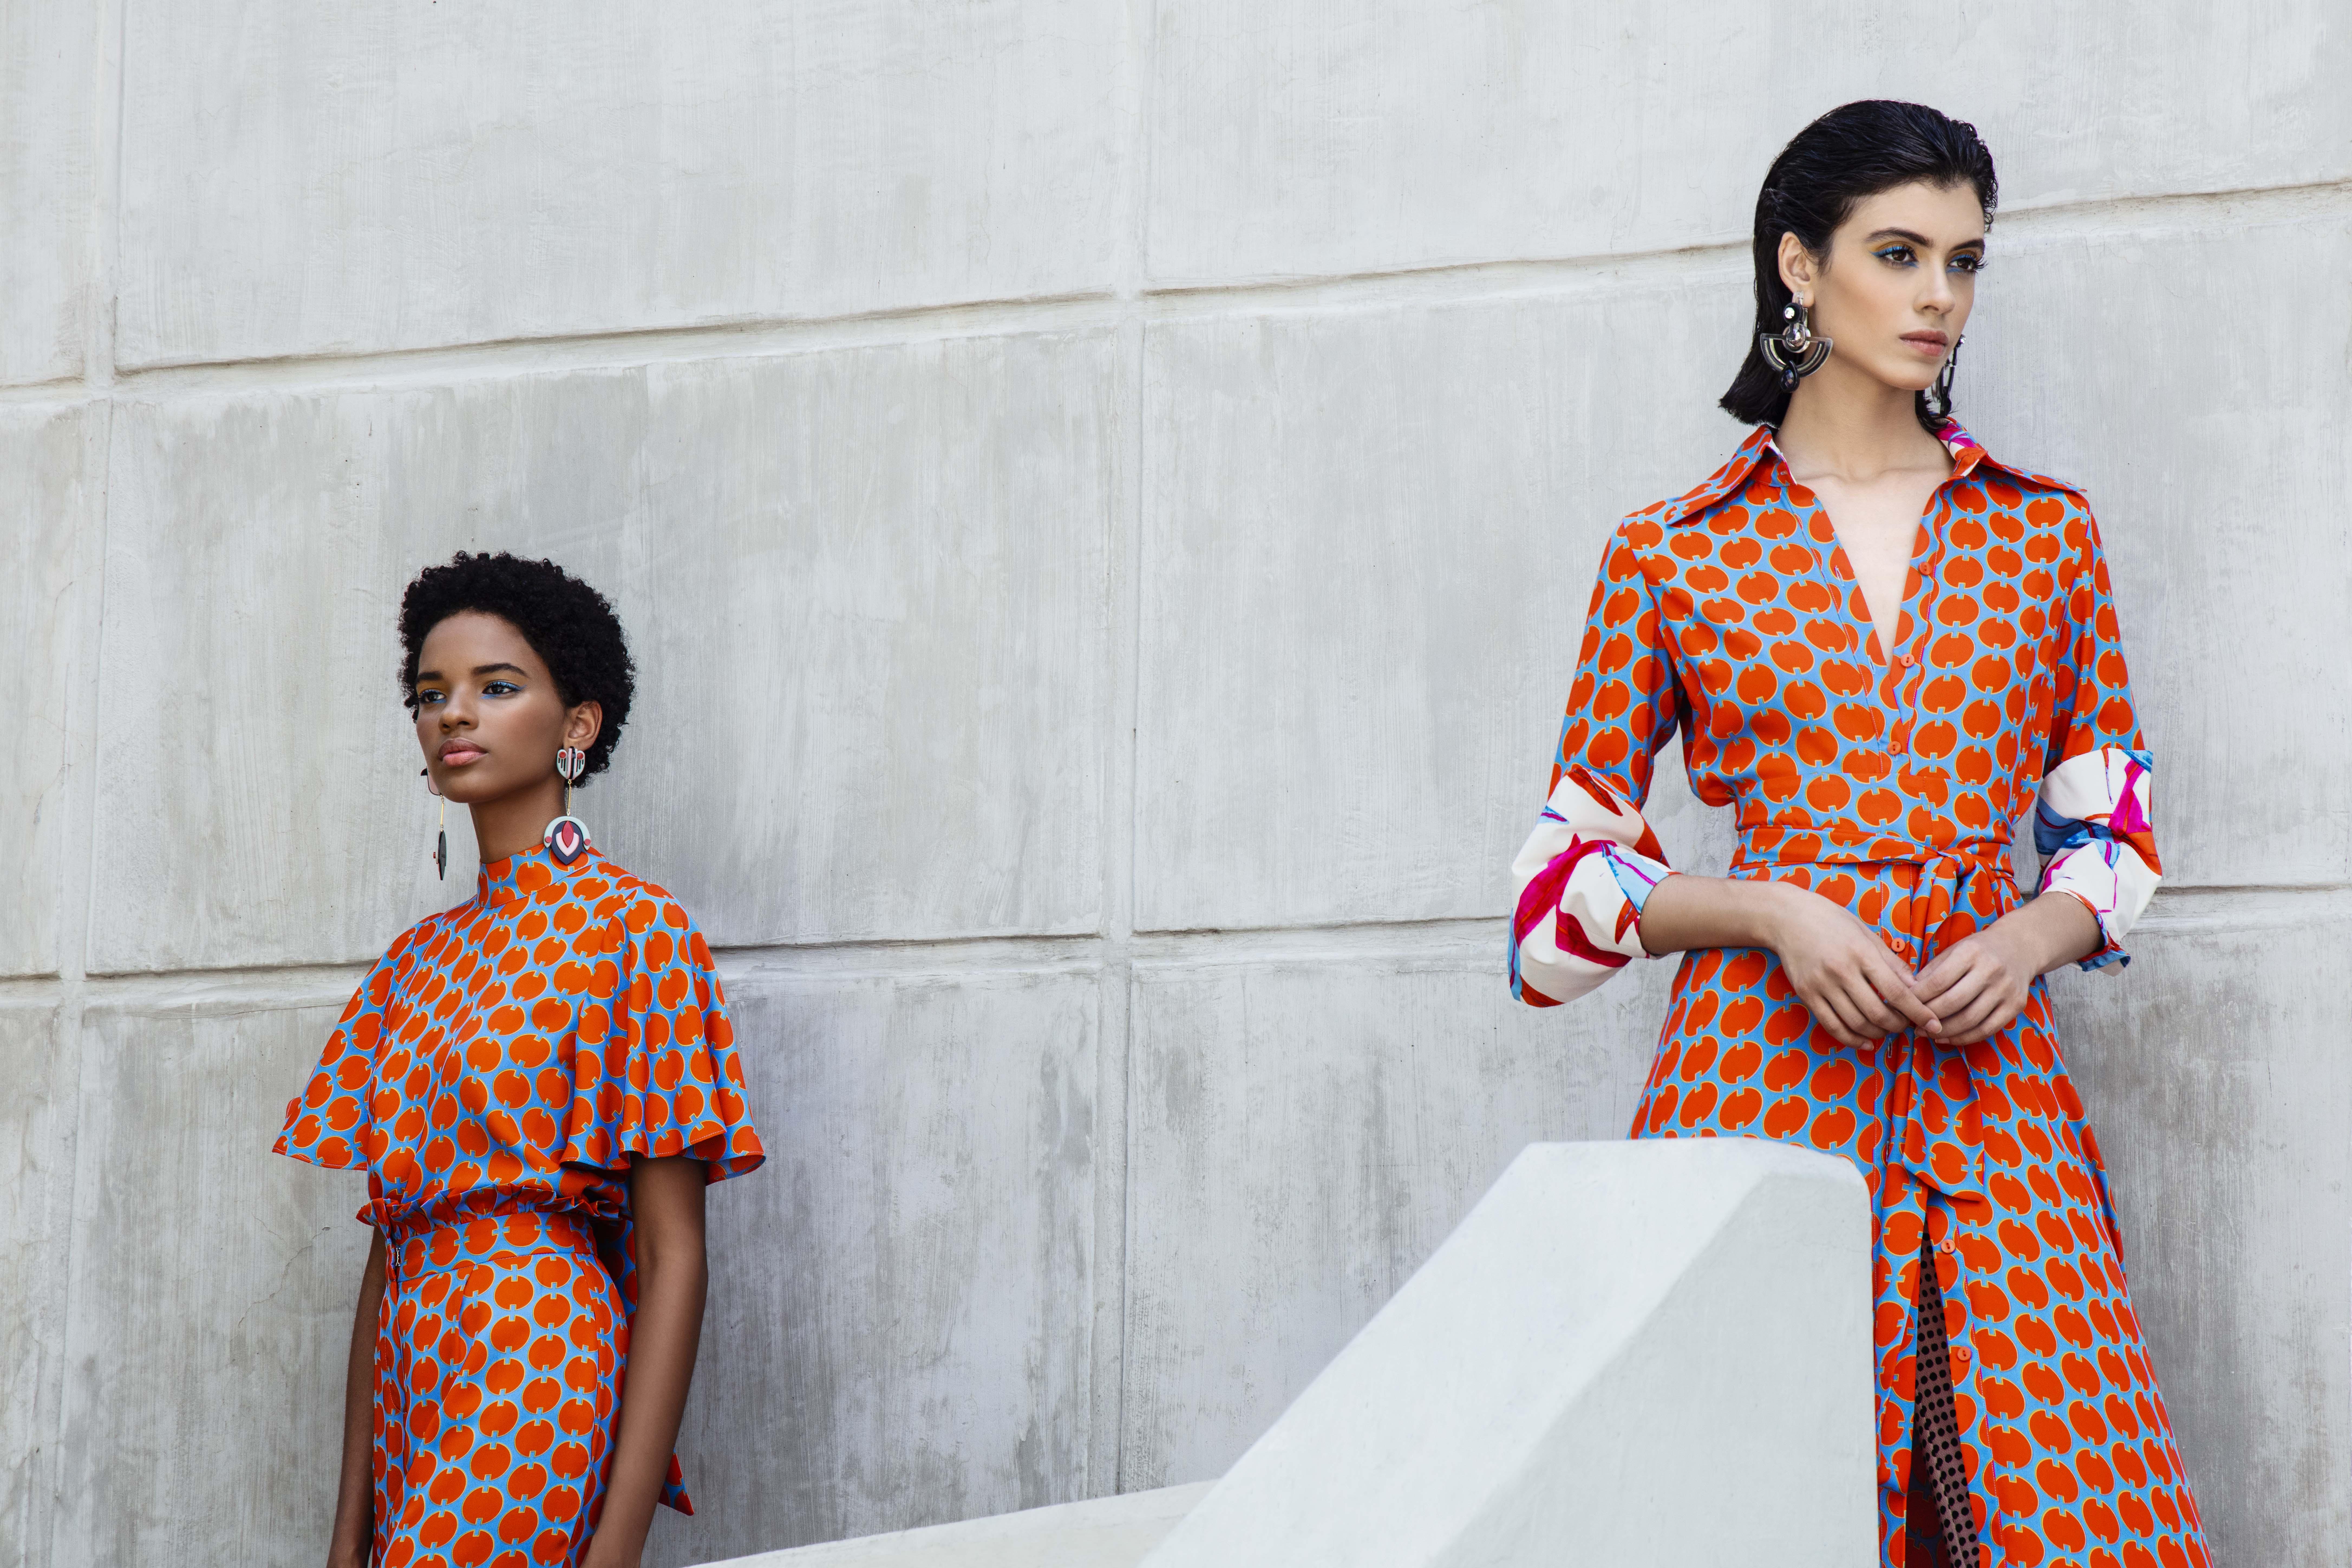 Colección primavera-verano de Camila es inspirada en la mujer decidida y triunfadora